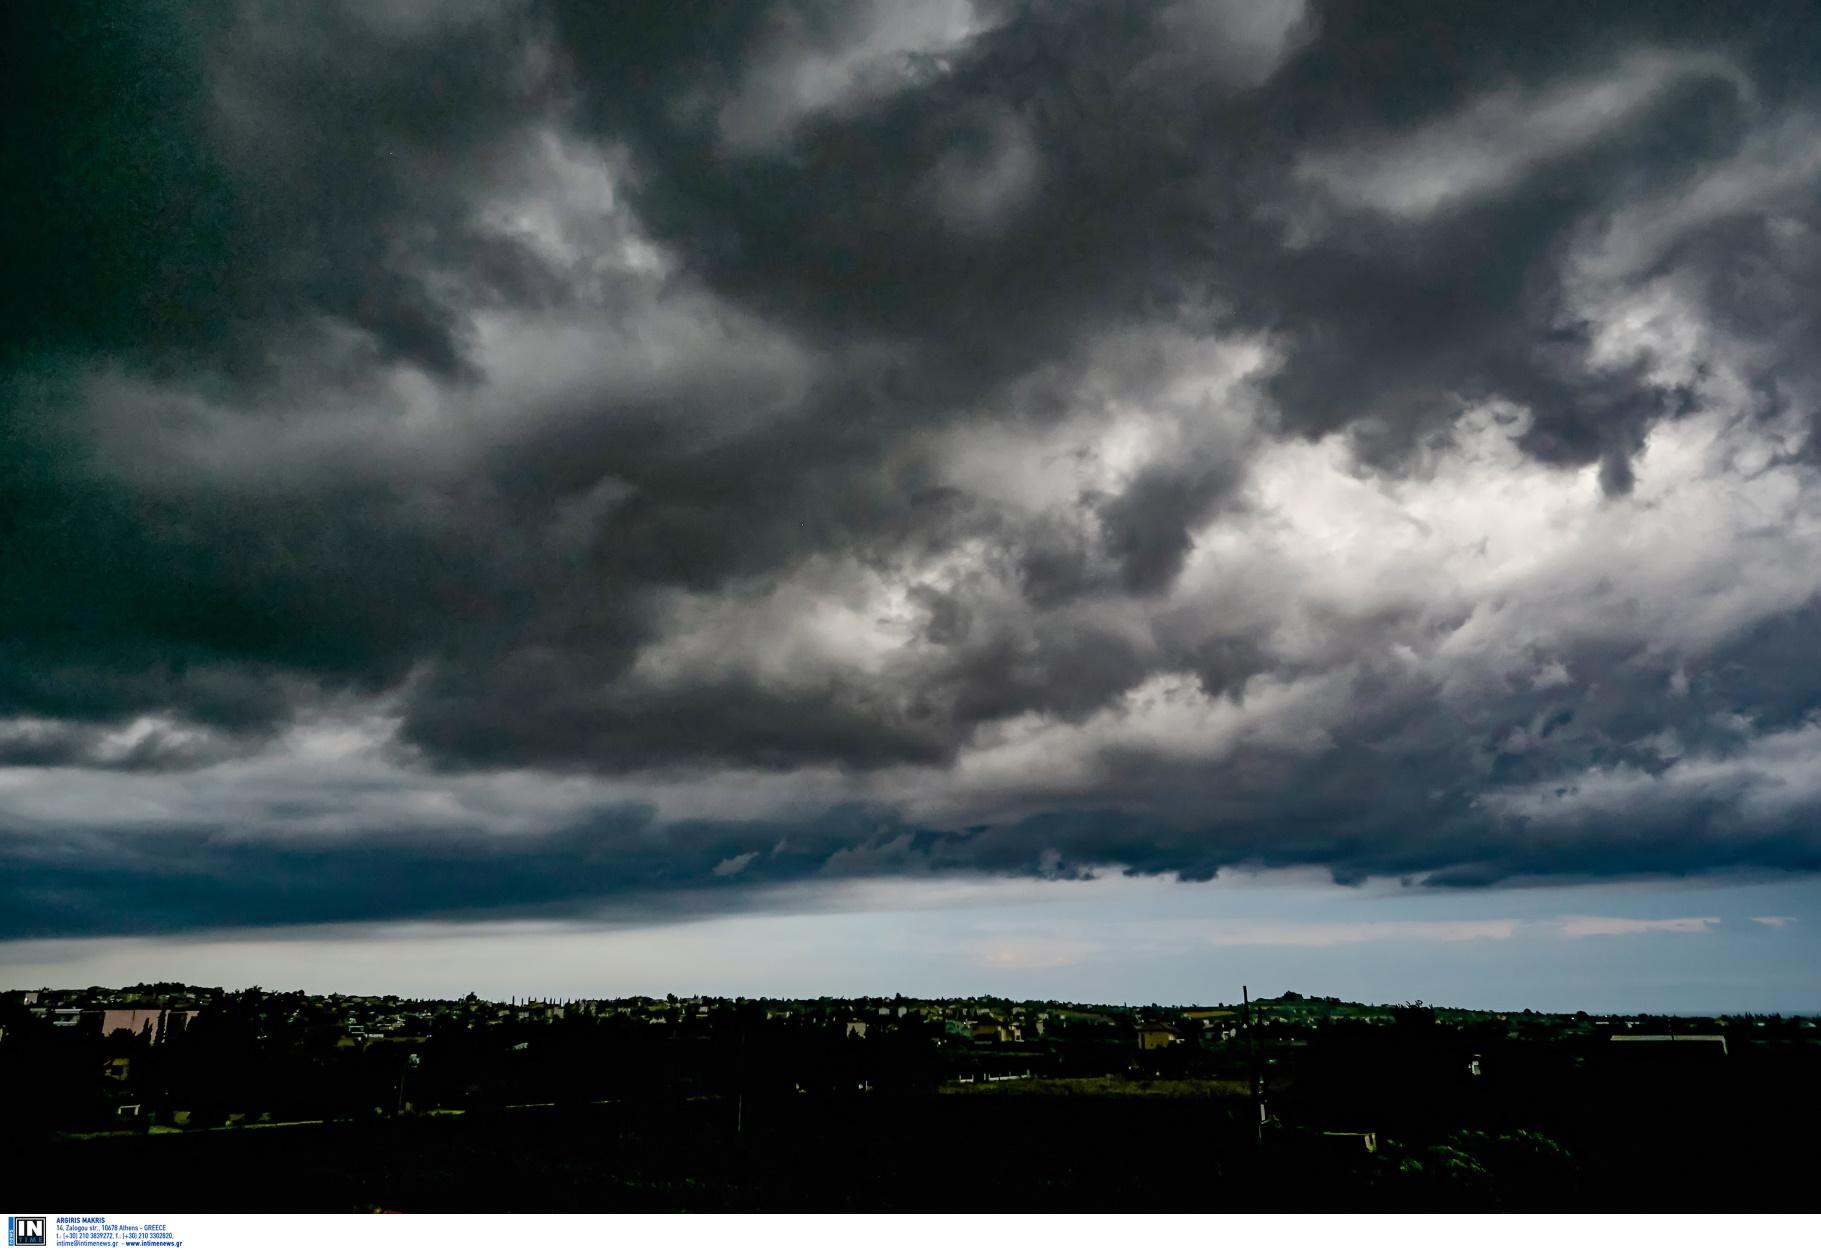 Καιρός: Καταιγίδες και χαλάζι τις επόμενες ώρες